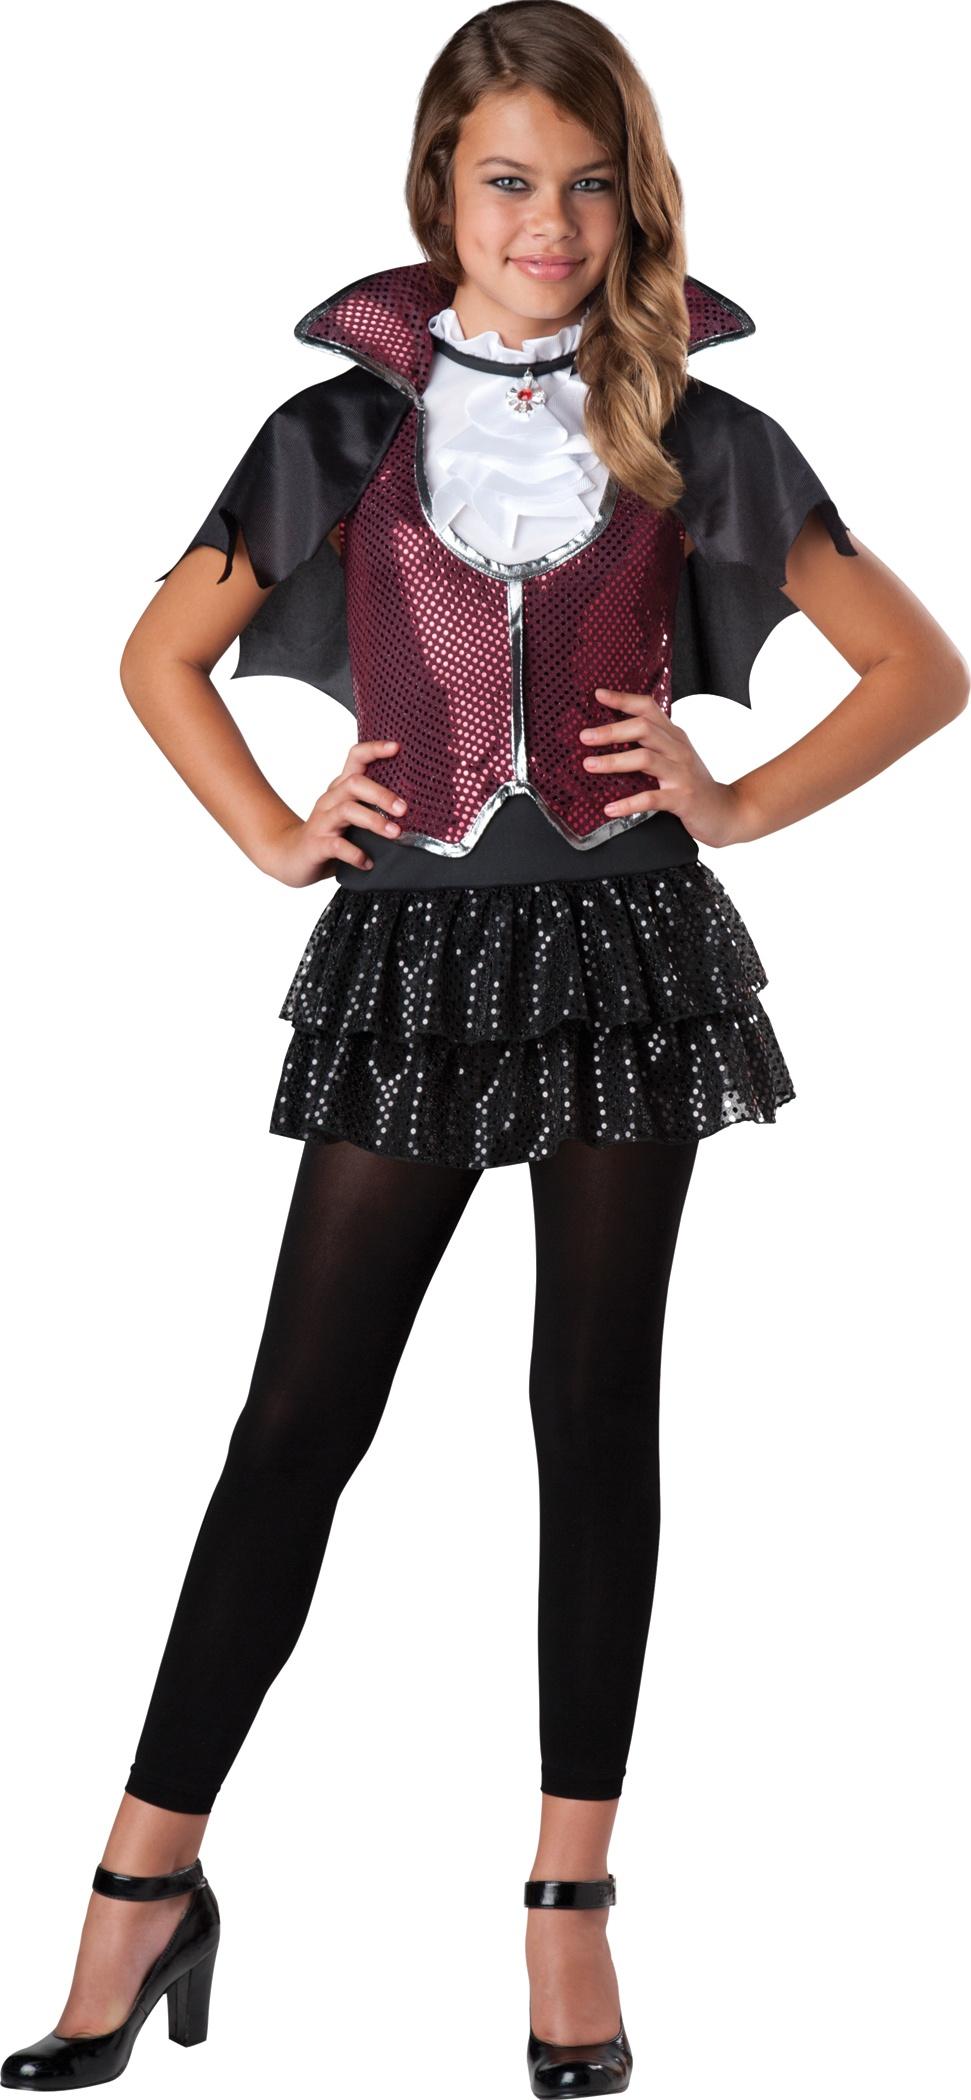 Glampiress Vampiress Kids Costume Costumes